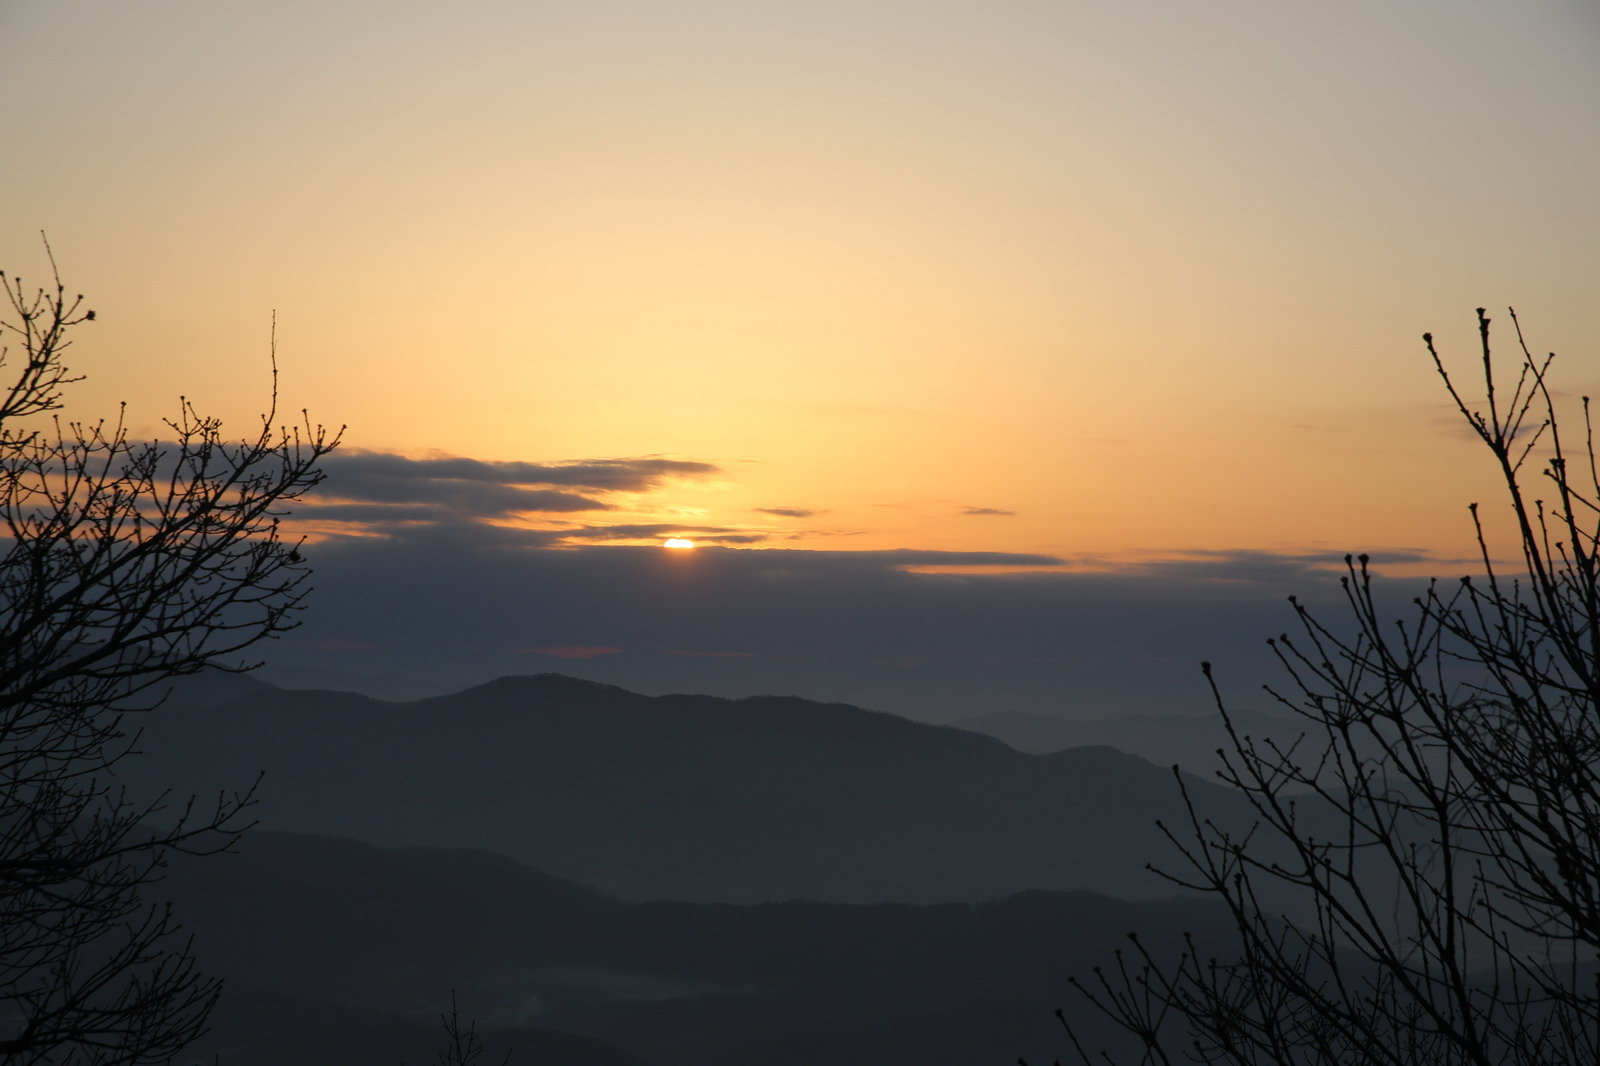 아침 - 흑성산성의 해돋이